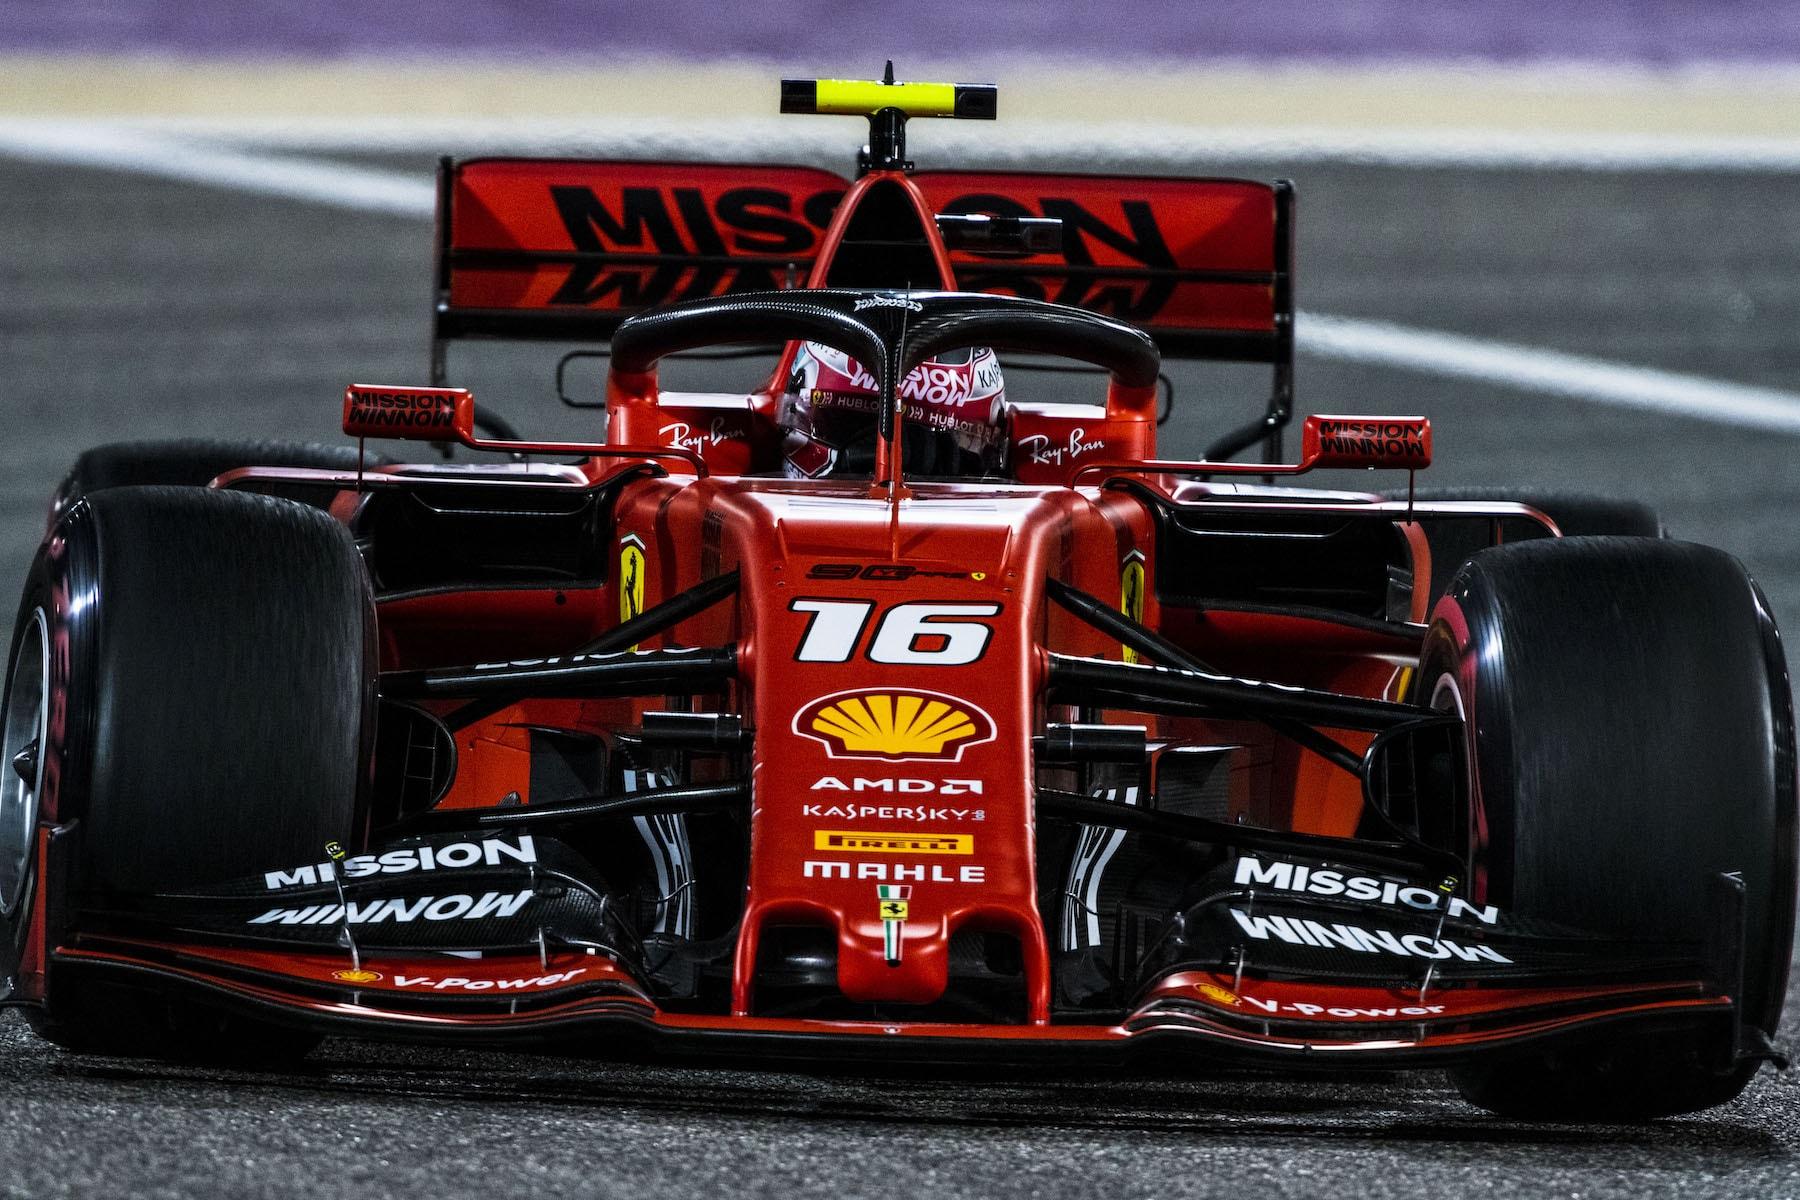 2A 3 4 2019 Charles Leclerc | Ferrari SF90 | 2019 Bahrain GP Pole 1 copy.jpg